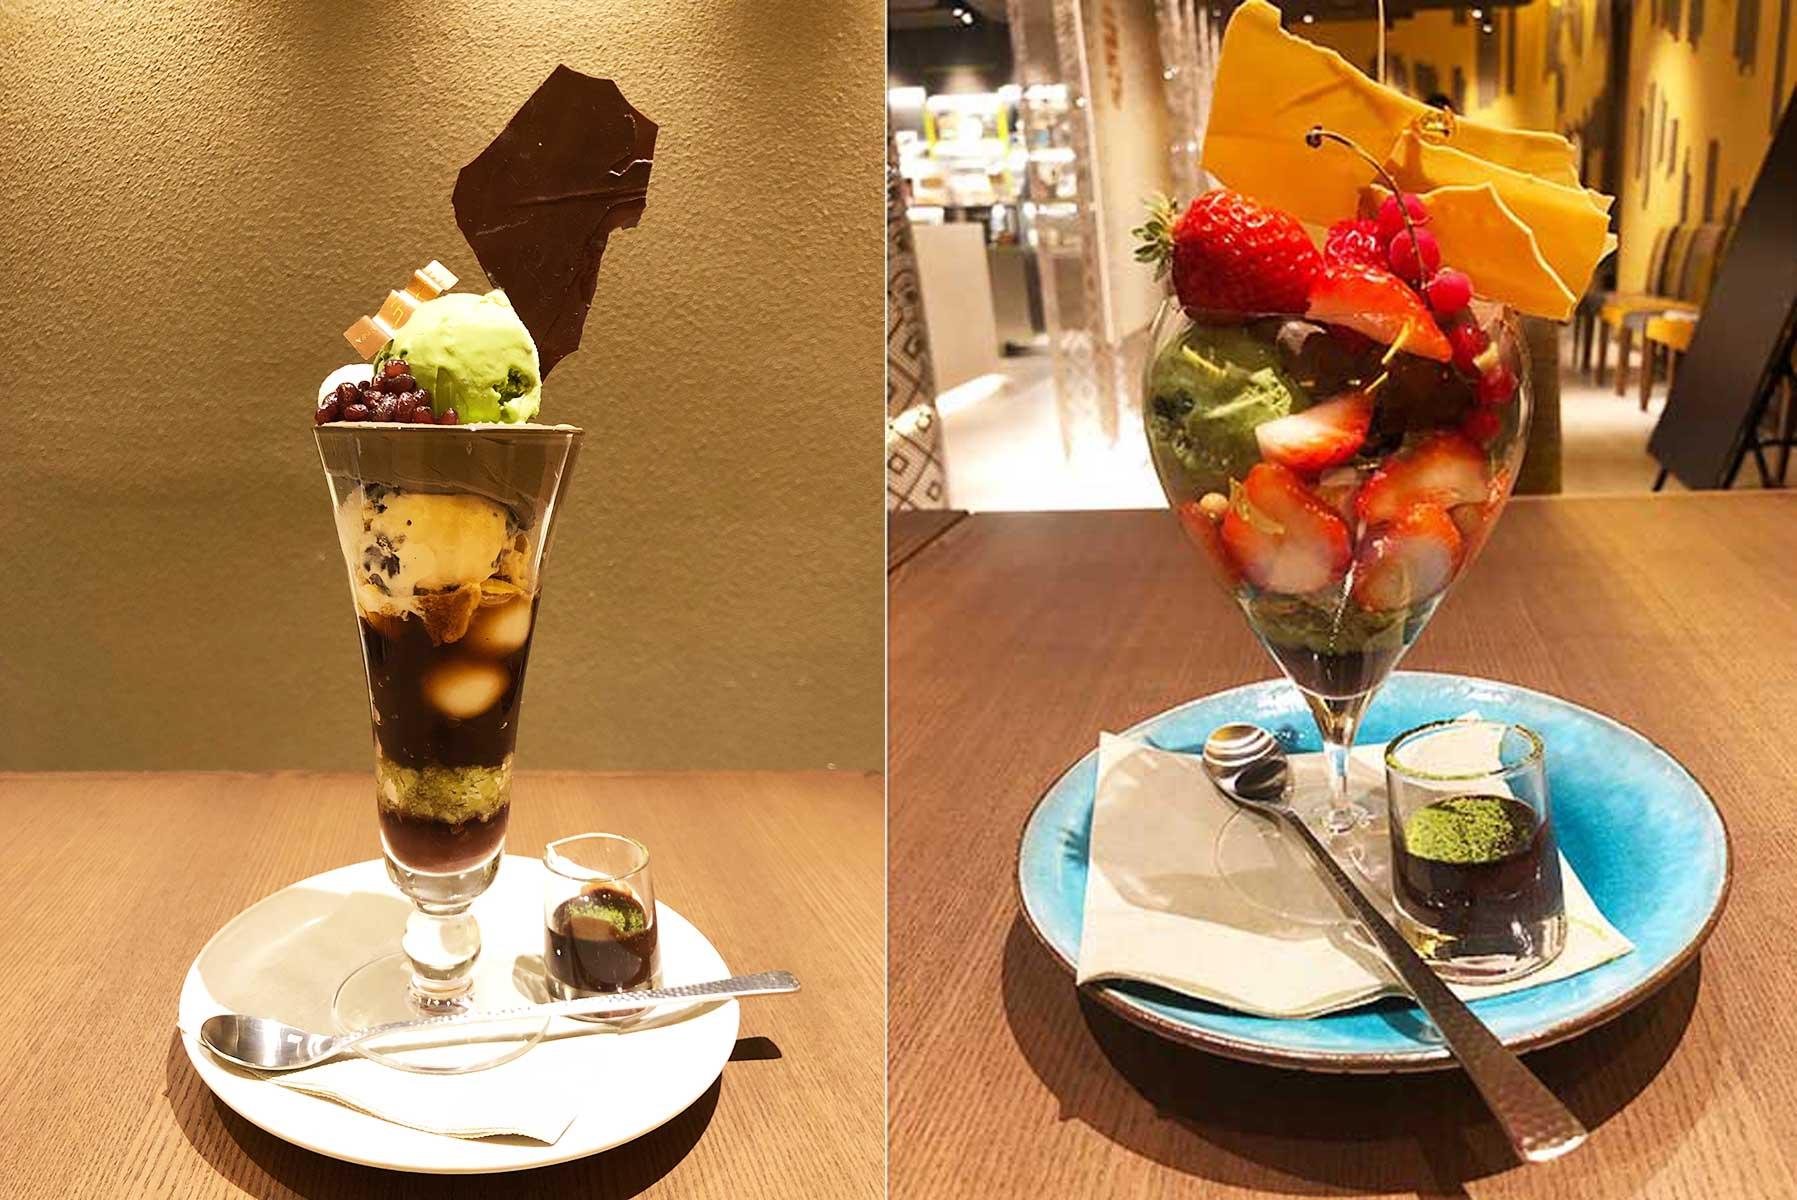 左から季節ごとに変わるパフェ「メランジュ フリュイ KYOTO マツリ」2484円、「黒抹茶 ショコラ」1340円